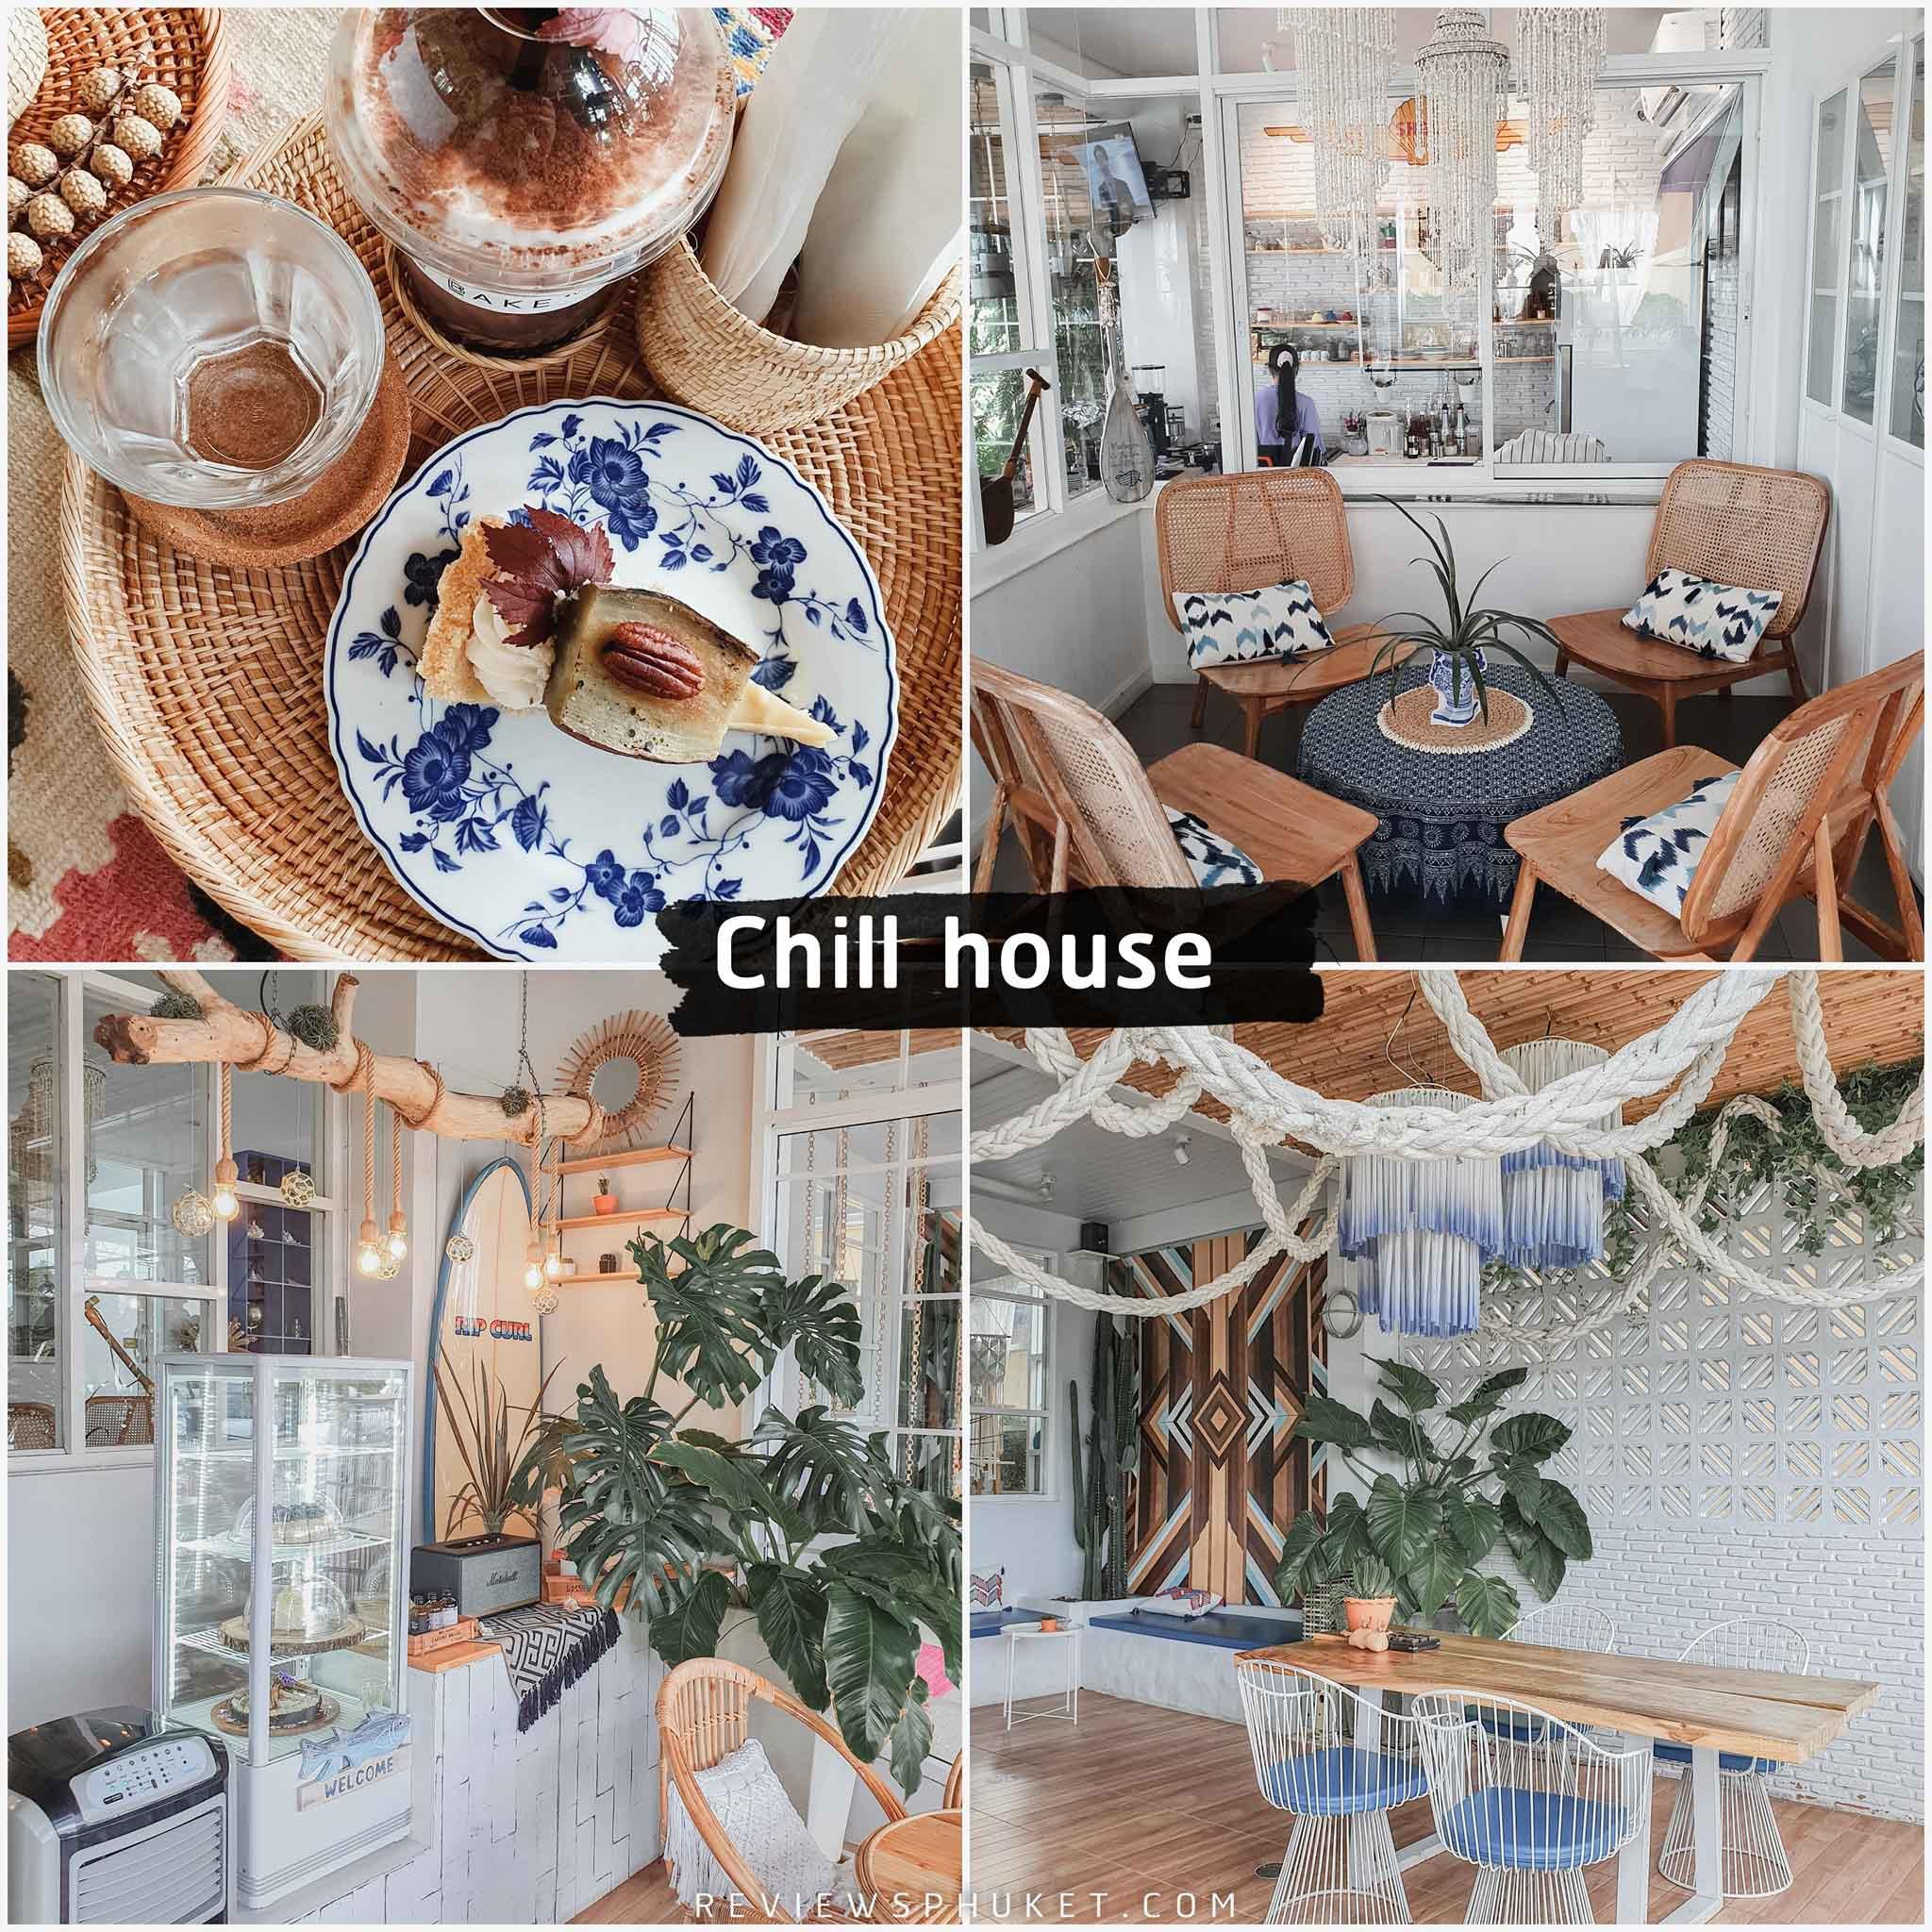 จุดเช็คอินเด็ดๆ Chill house cafe ร้านตกแต่งด้วยต้นไม้สบายตา อากาศเย็นเหมาะกับการไปนั่งชิลคุยกันเพื่อนๆแนะนำเลยย